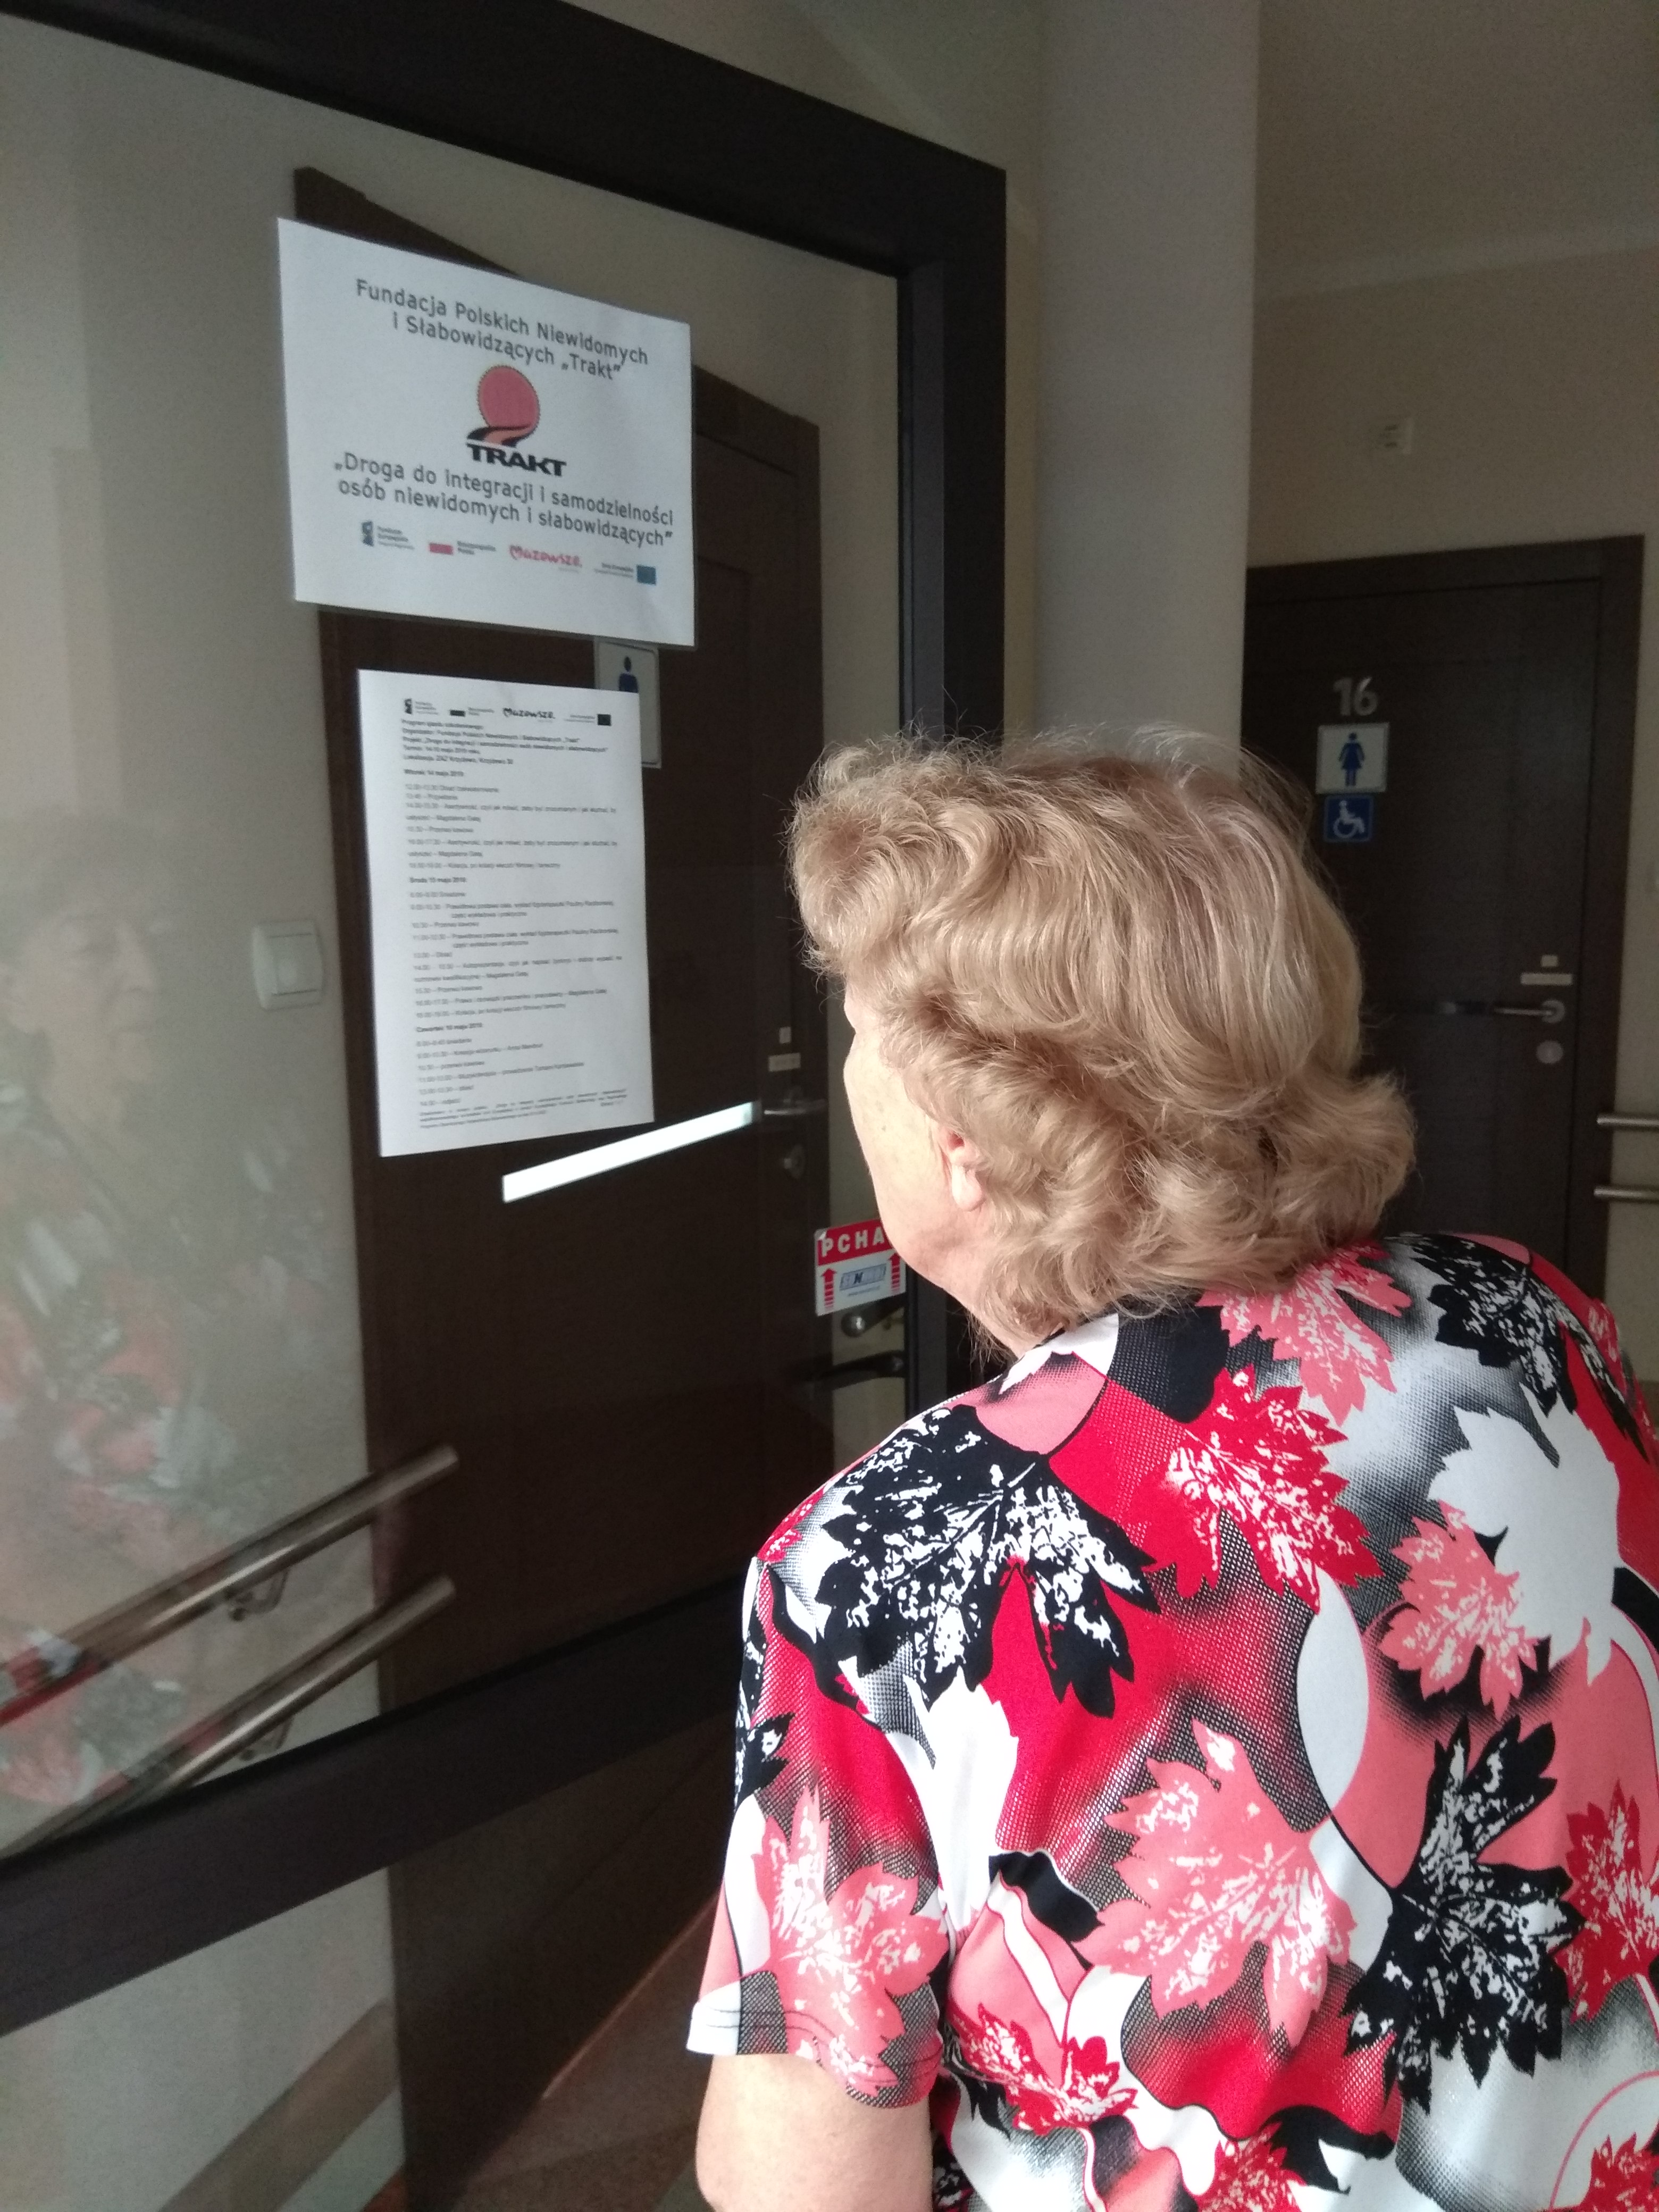 Blondynka w lekko kręconych włosach i biało – malinowo -czarnej bluzce z krótkim rękawem czytająca wiszący na ścianie plan zjazdu.